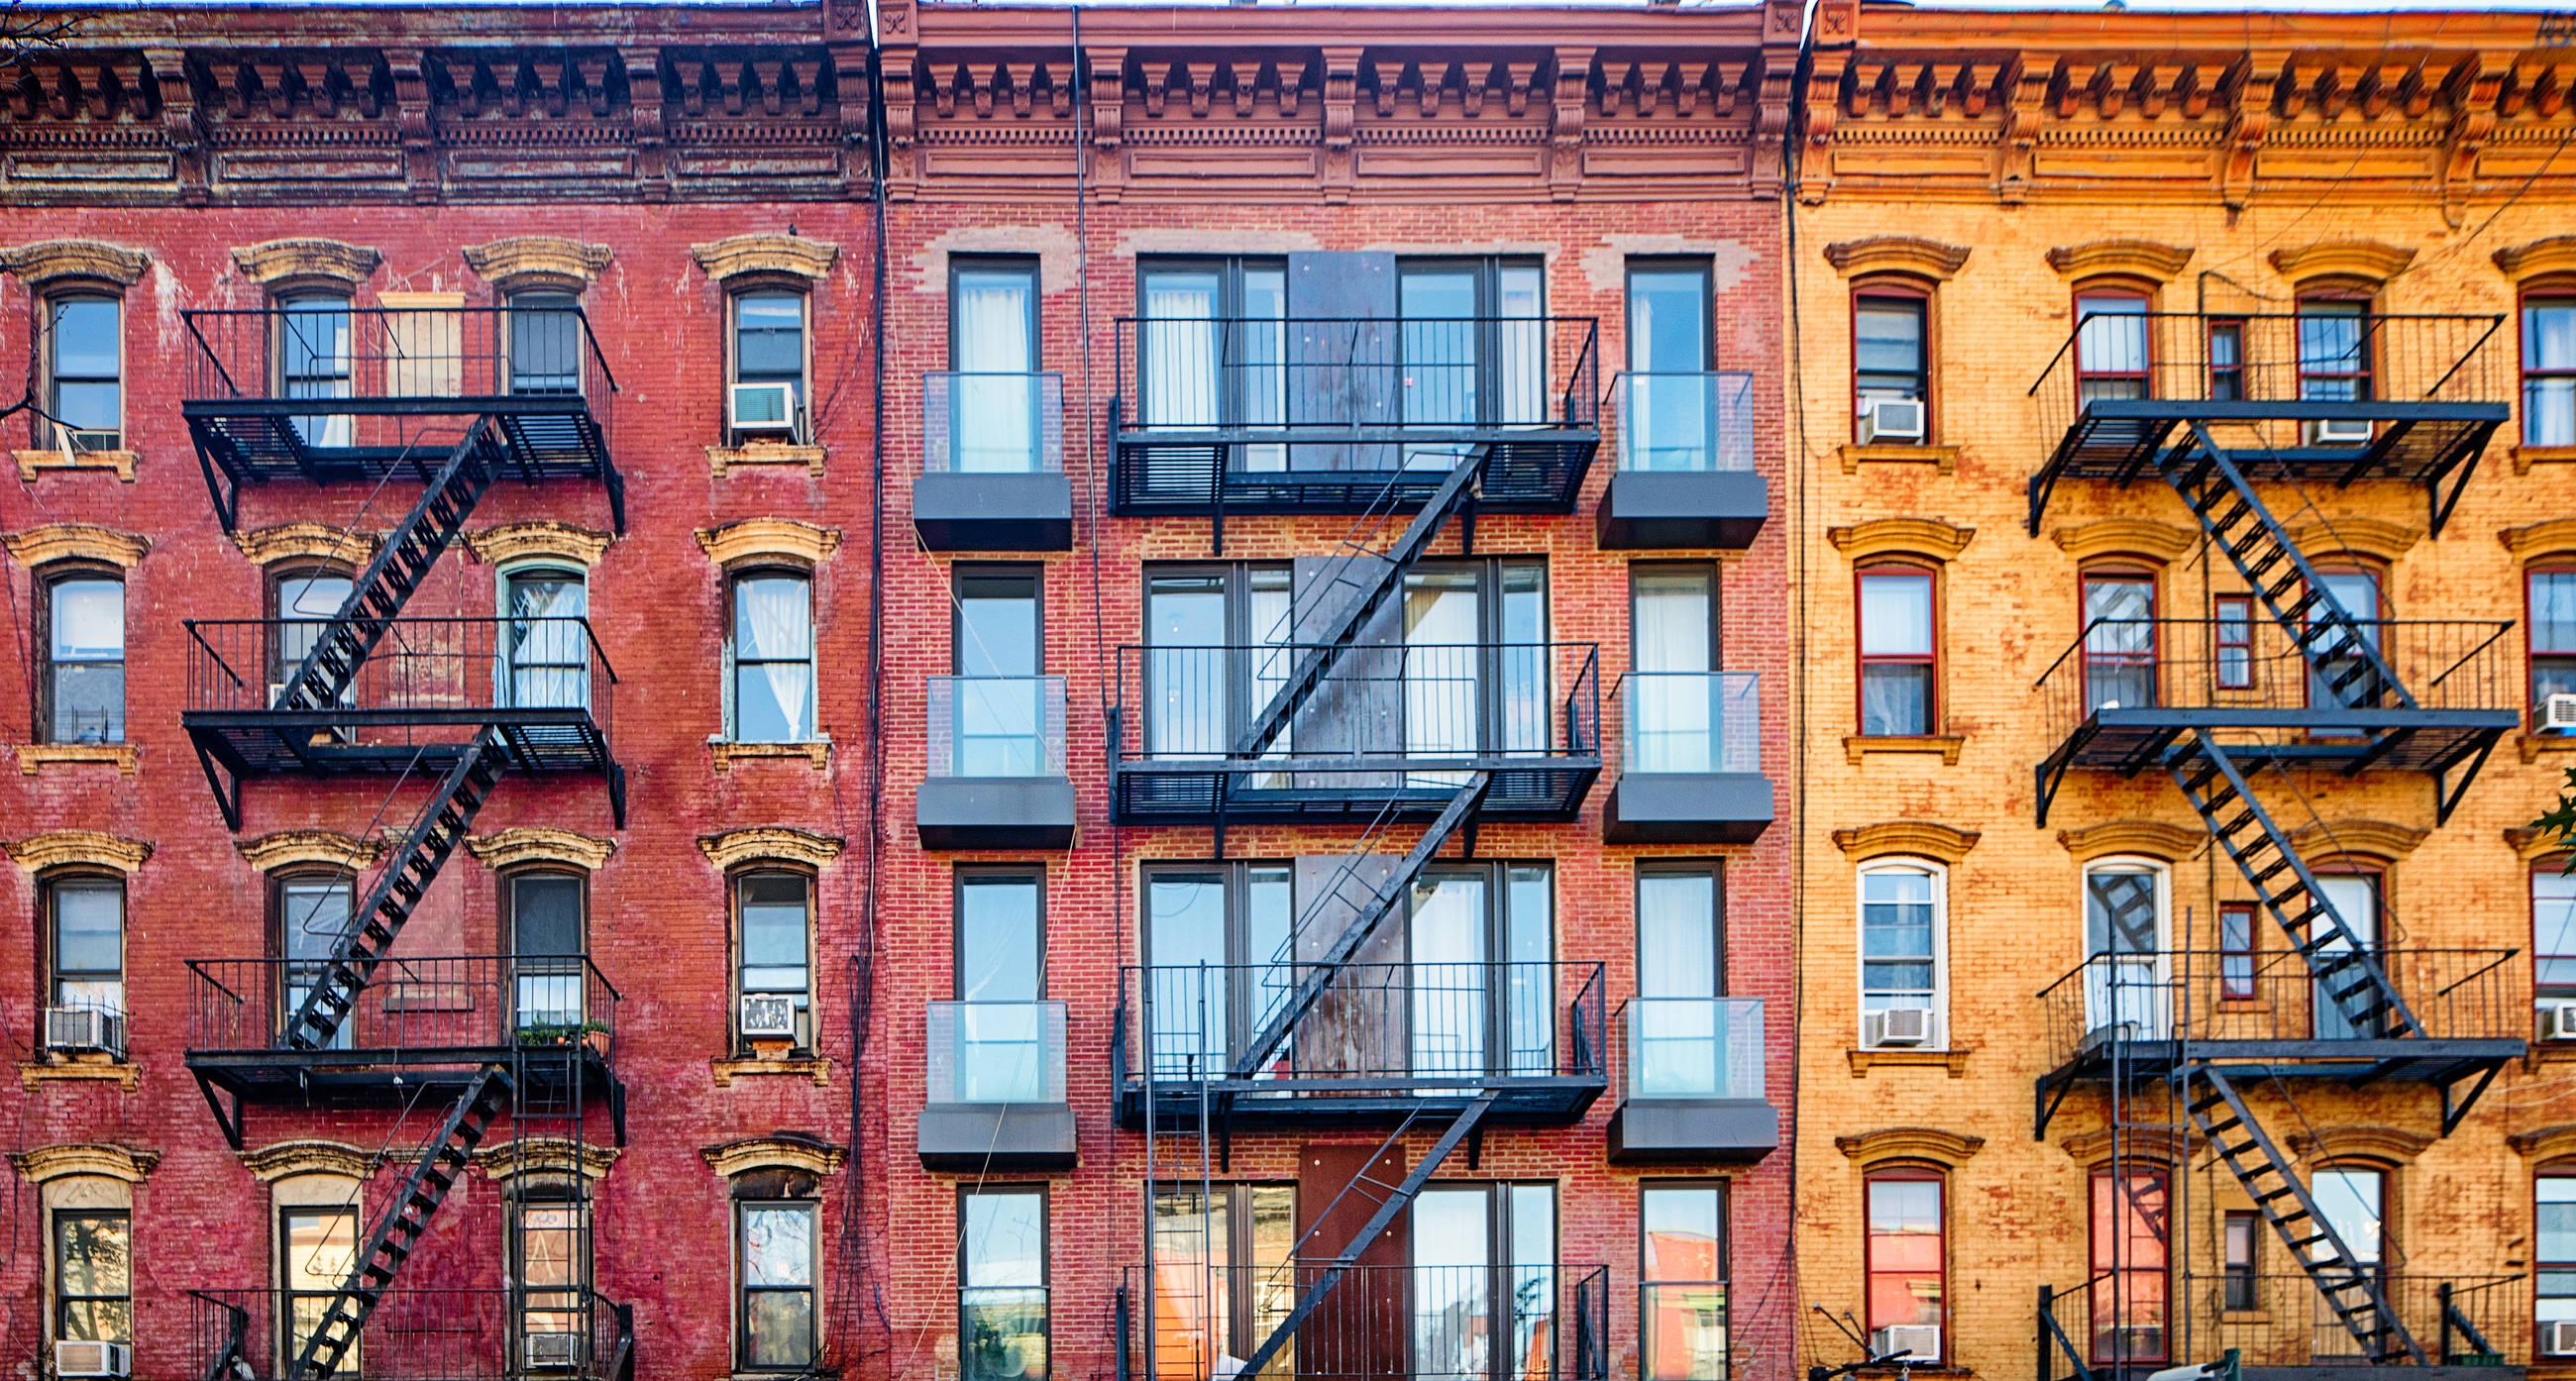 Más-Allá-de-Manhattan-Visitando-los-otros-4-Distritos-durante-las-vacaciones-neoyorquinas